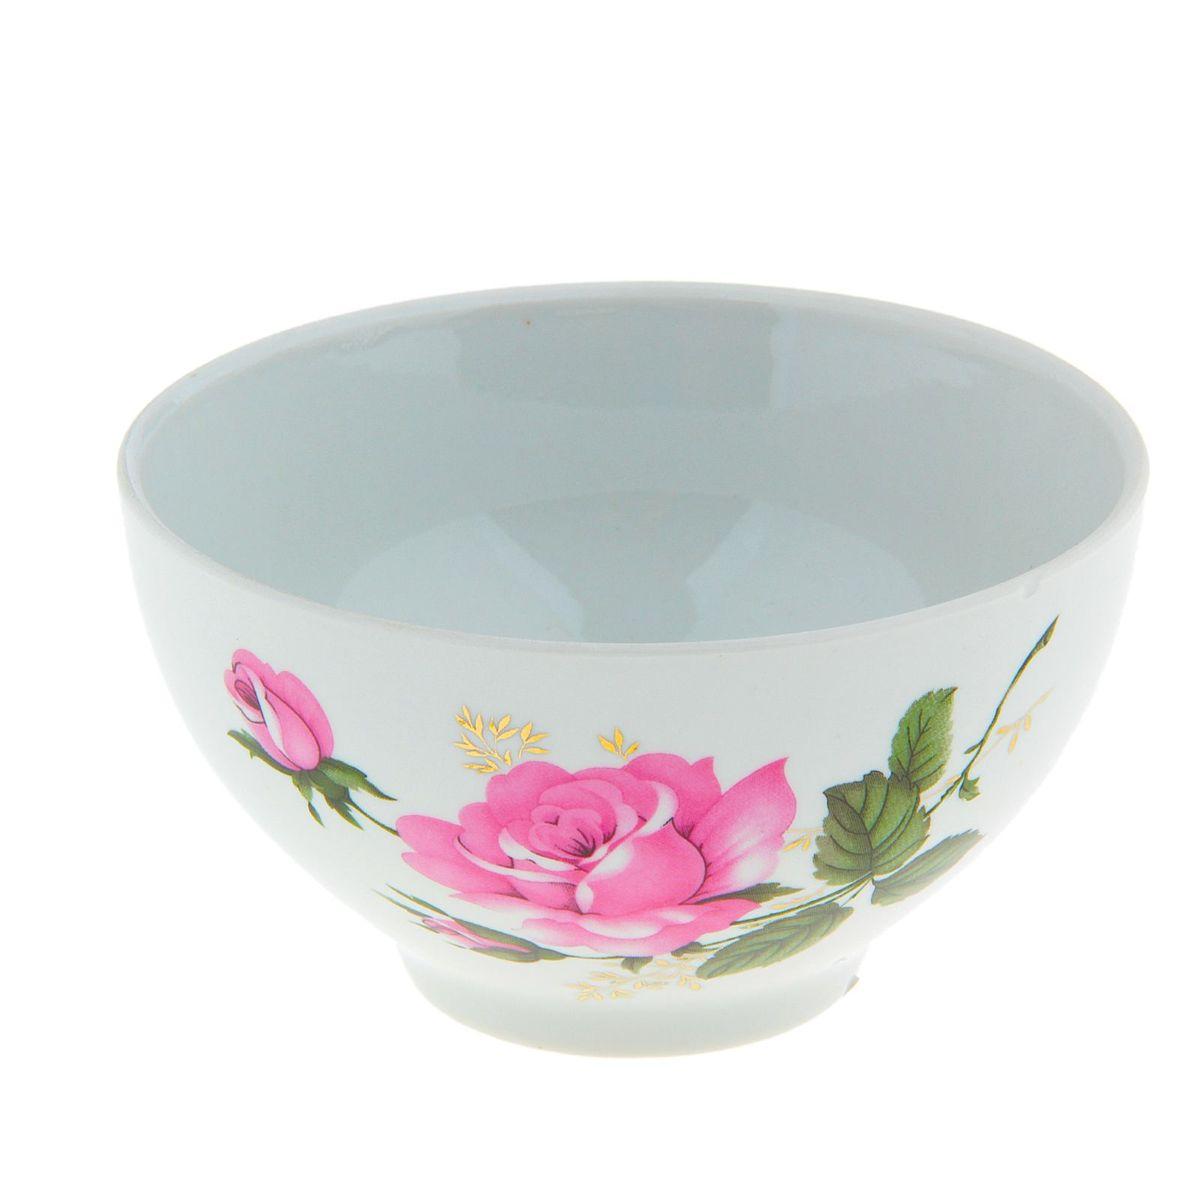 Пиала Глория, 330 мл508044Пиала Глория, изготовленная из высококачественного фарфора, прекрасно подойдет для подачи салата, супа или мороженого. Благодаря лаконичному дизайну, такая пиала станет бесспорным украшением вашего стола. Она дополнит коллекцию кухонной посуды и будет служить долгие годы. Диаметр пиалы: 12 см.